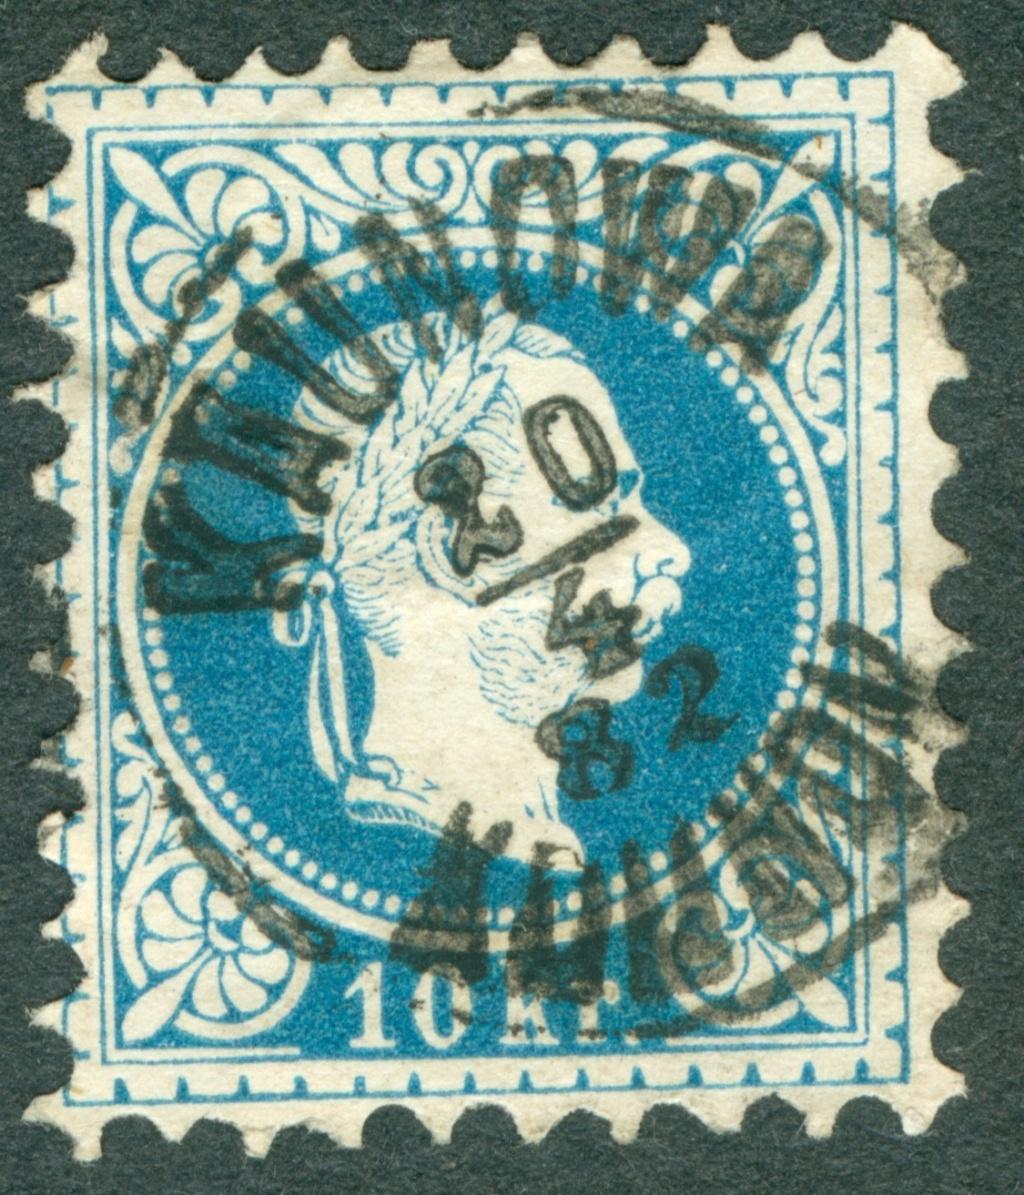 Freimarken-Ausgabe 1867 : Kopfbildnis Kaiser Franz Joseph I - Seite 20 18671010